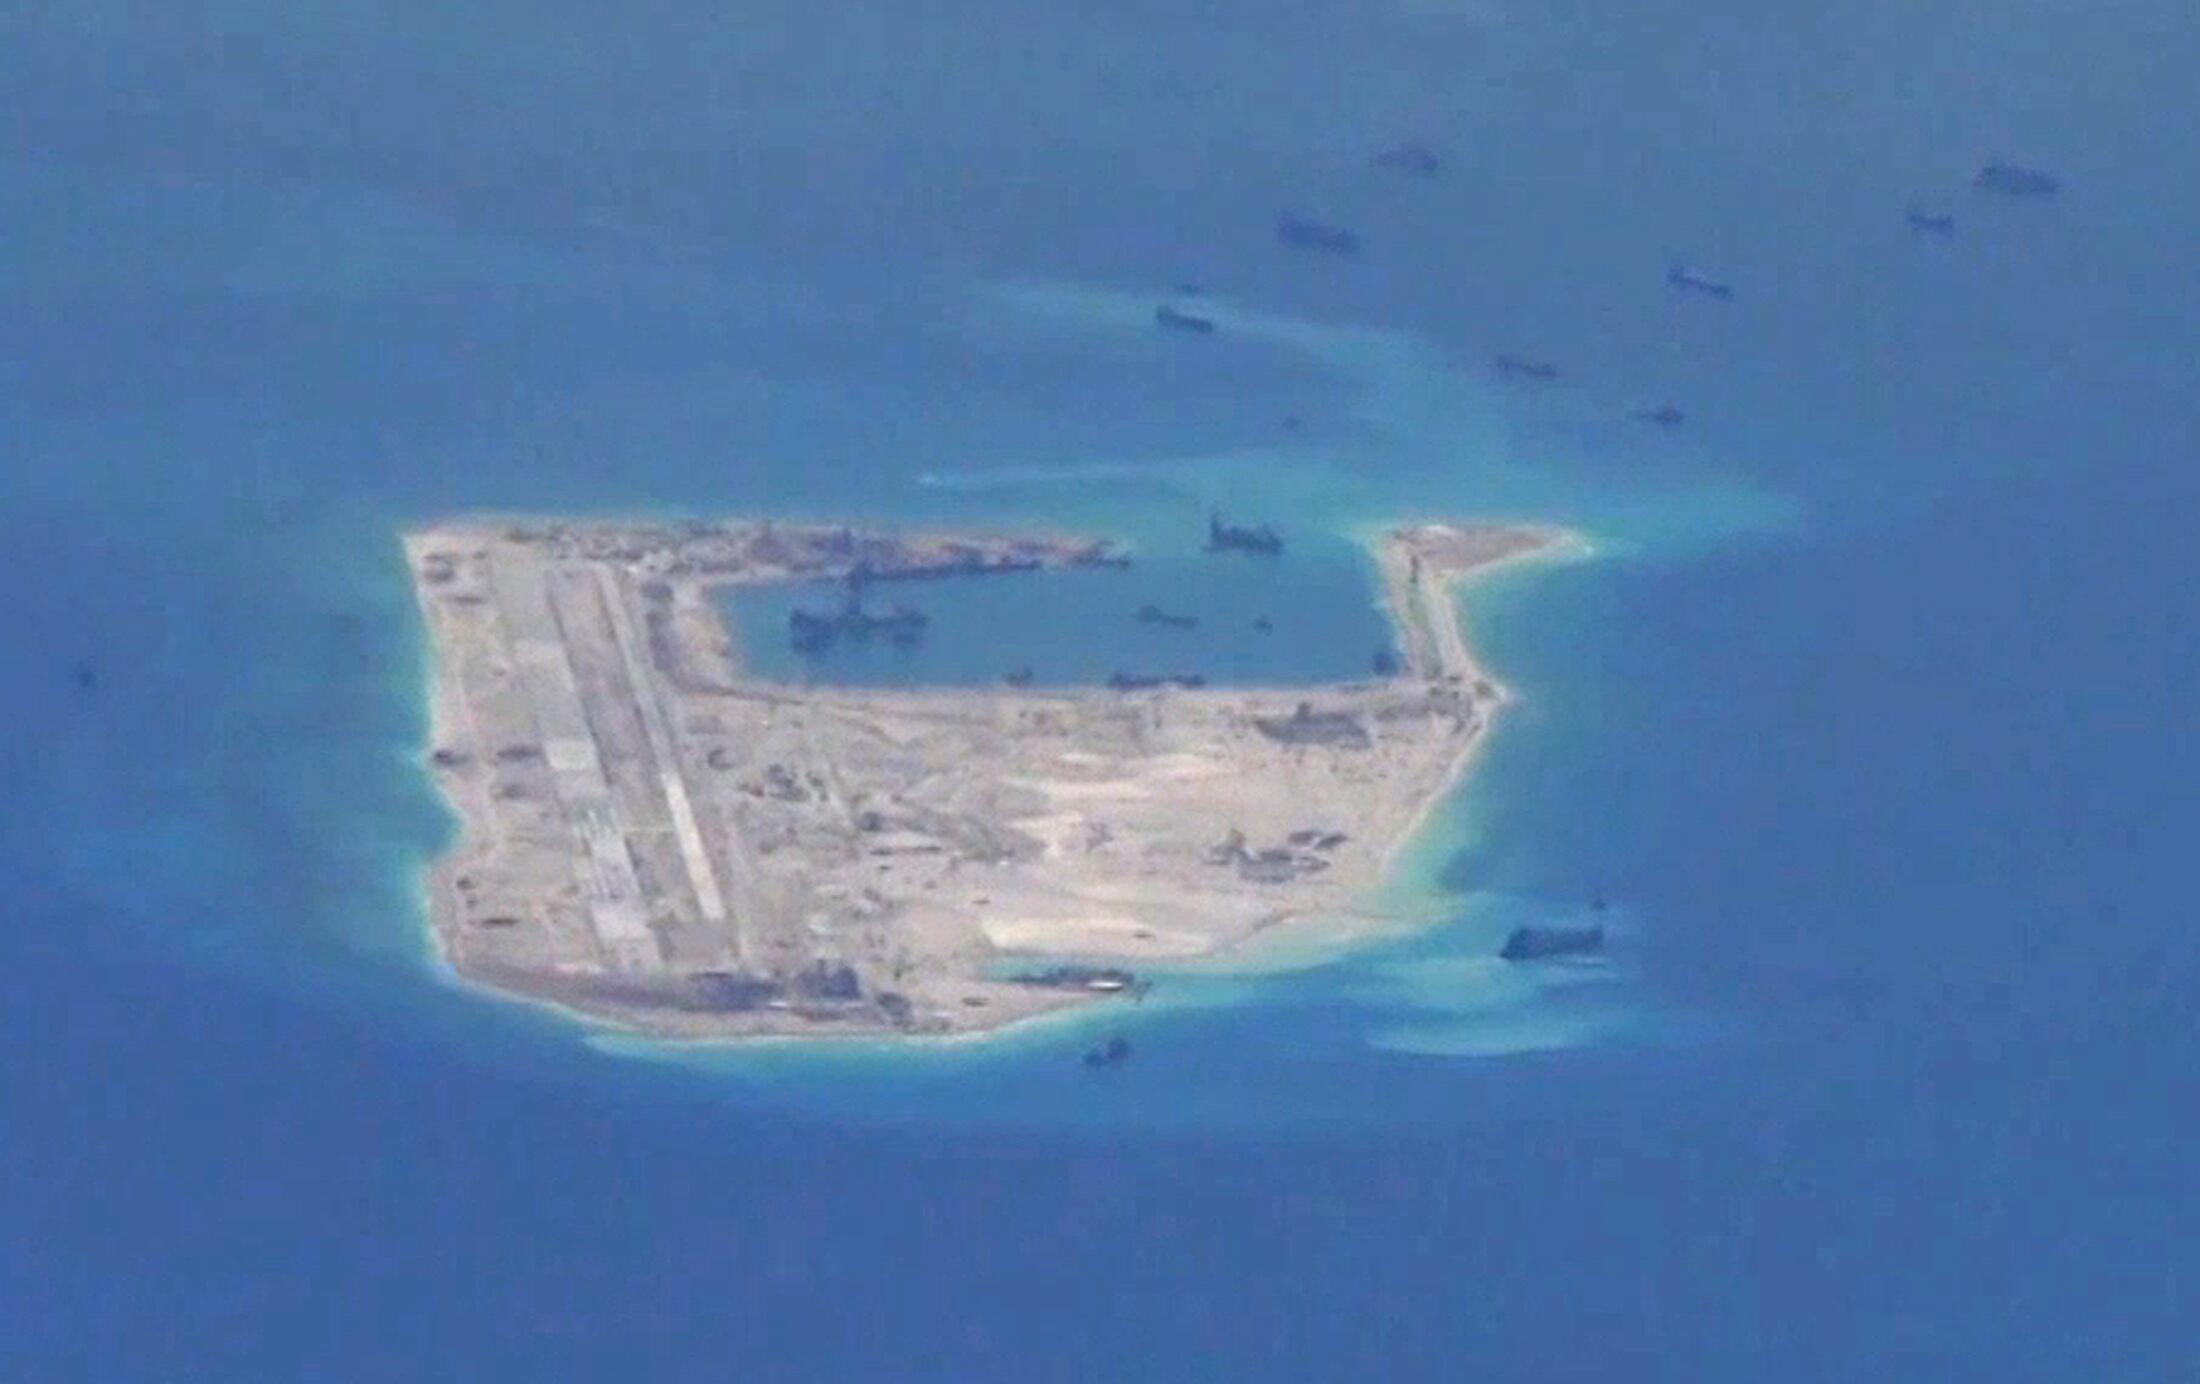 Đá Chữ Thập mà Trung Quốc đang bồi đắp, chụp từ máy bay trinh sát của Mỹ ngày 21/05/2015.